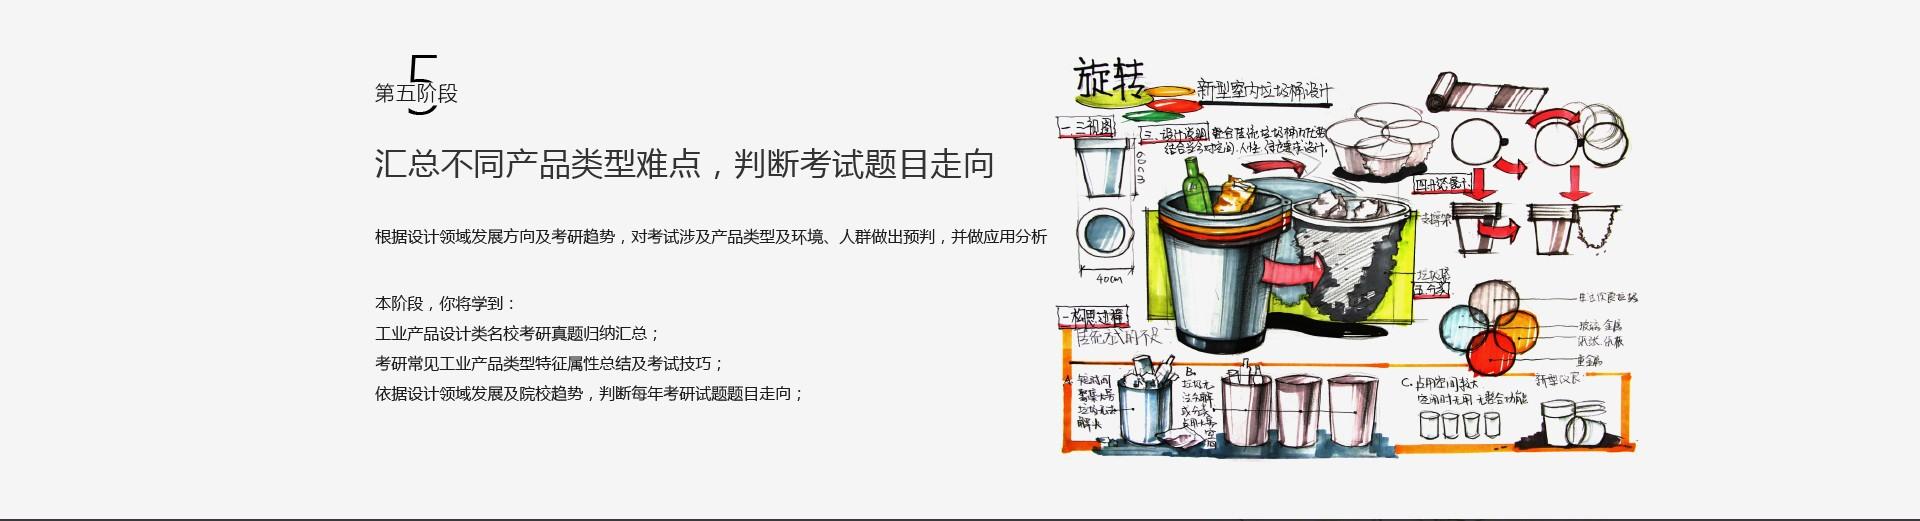 产品快题_09.jpg